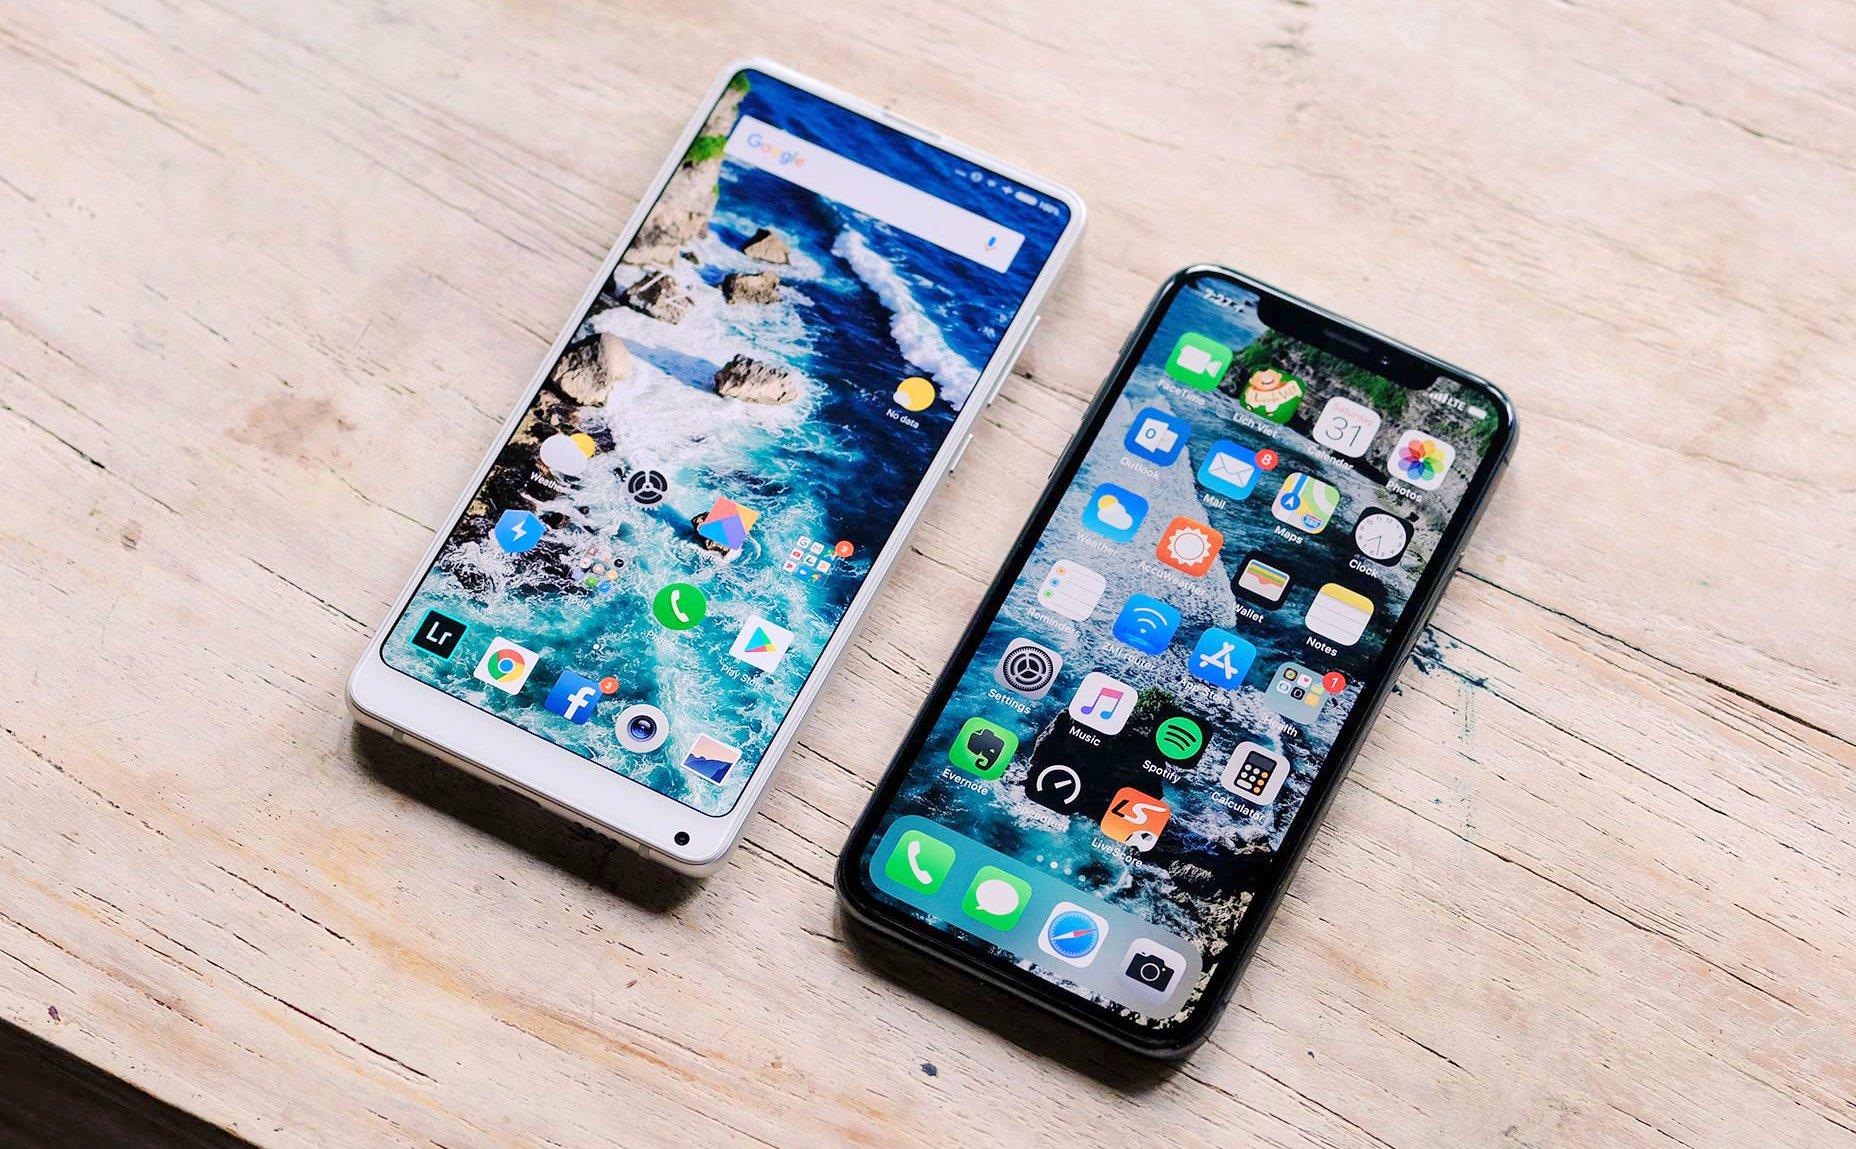 Lý do khiến bạn vẫn thích xài iphone?